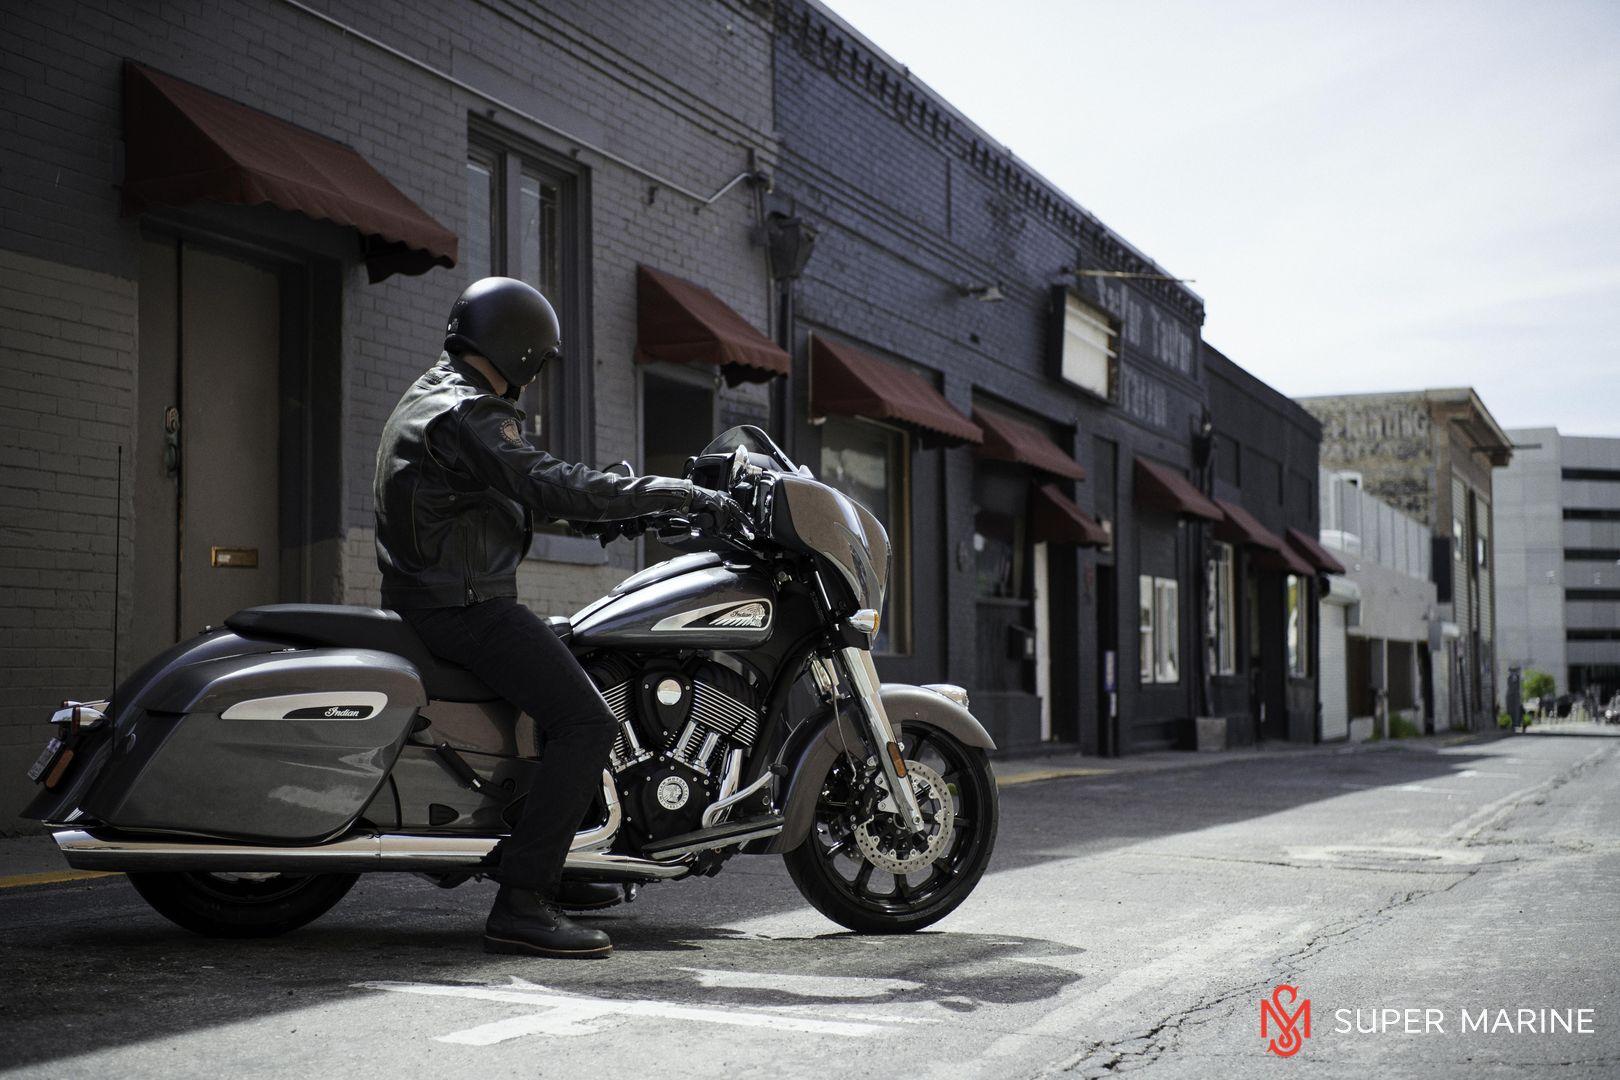 Мотоцикл Indian Chieftain Steel Gray 2019 - 18